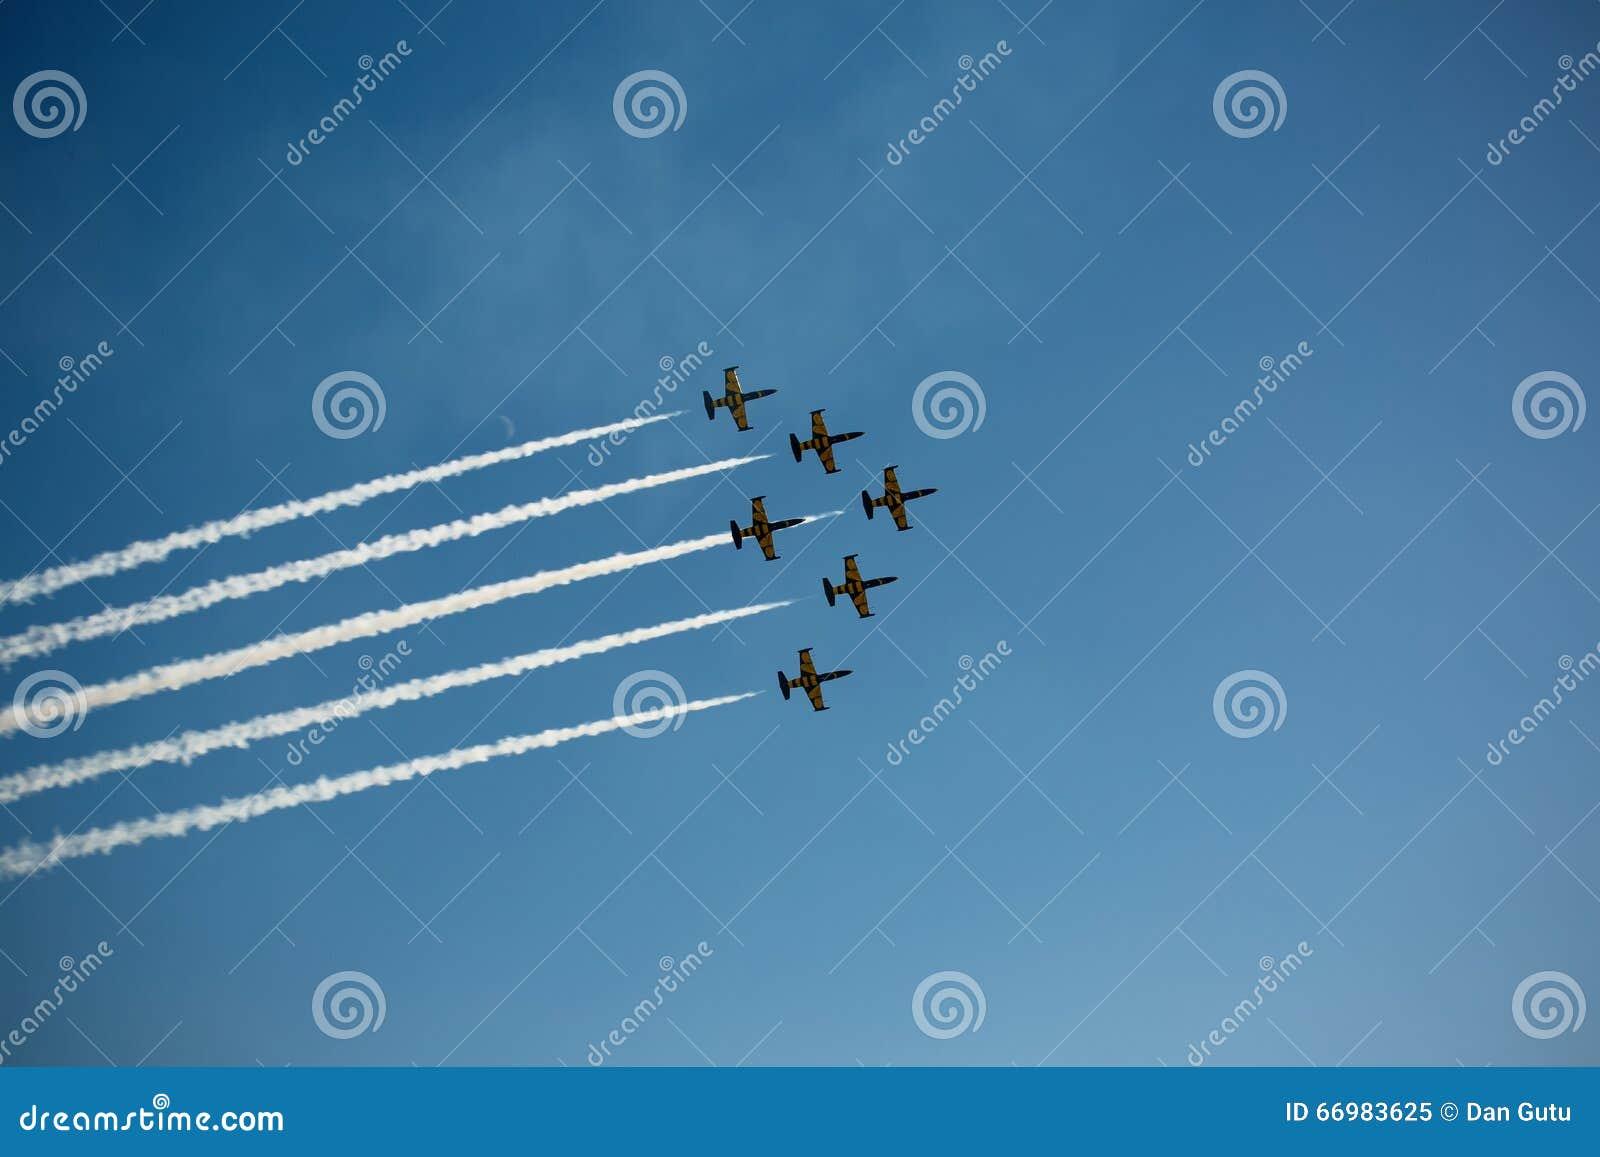 Avia show